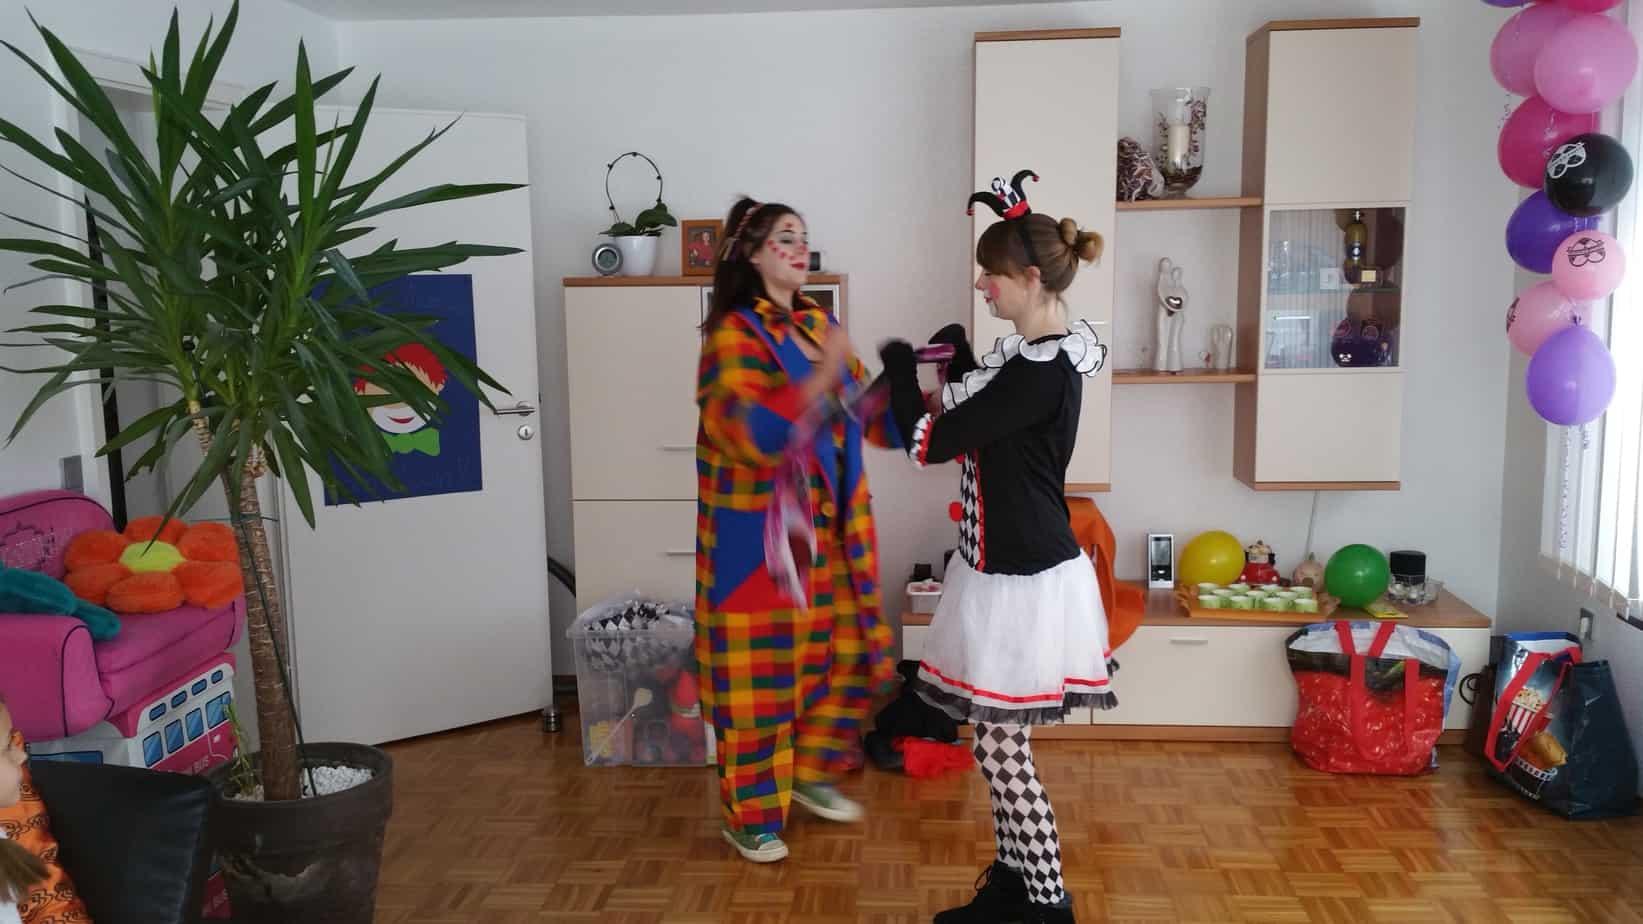 Zirkus-Clown-Geburtstag | Kindereventagentur Glückskinder Karlsruhe